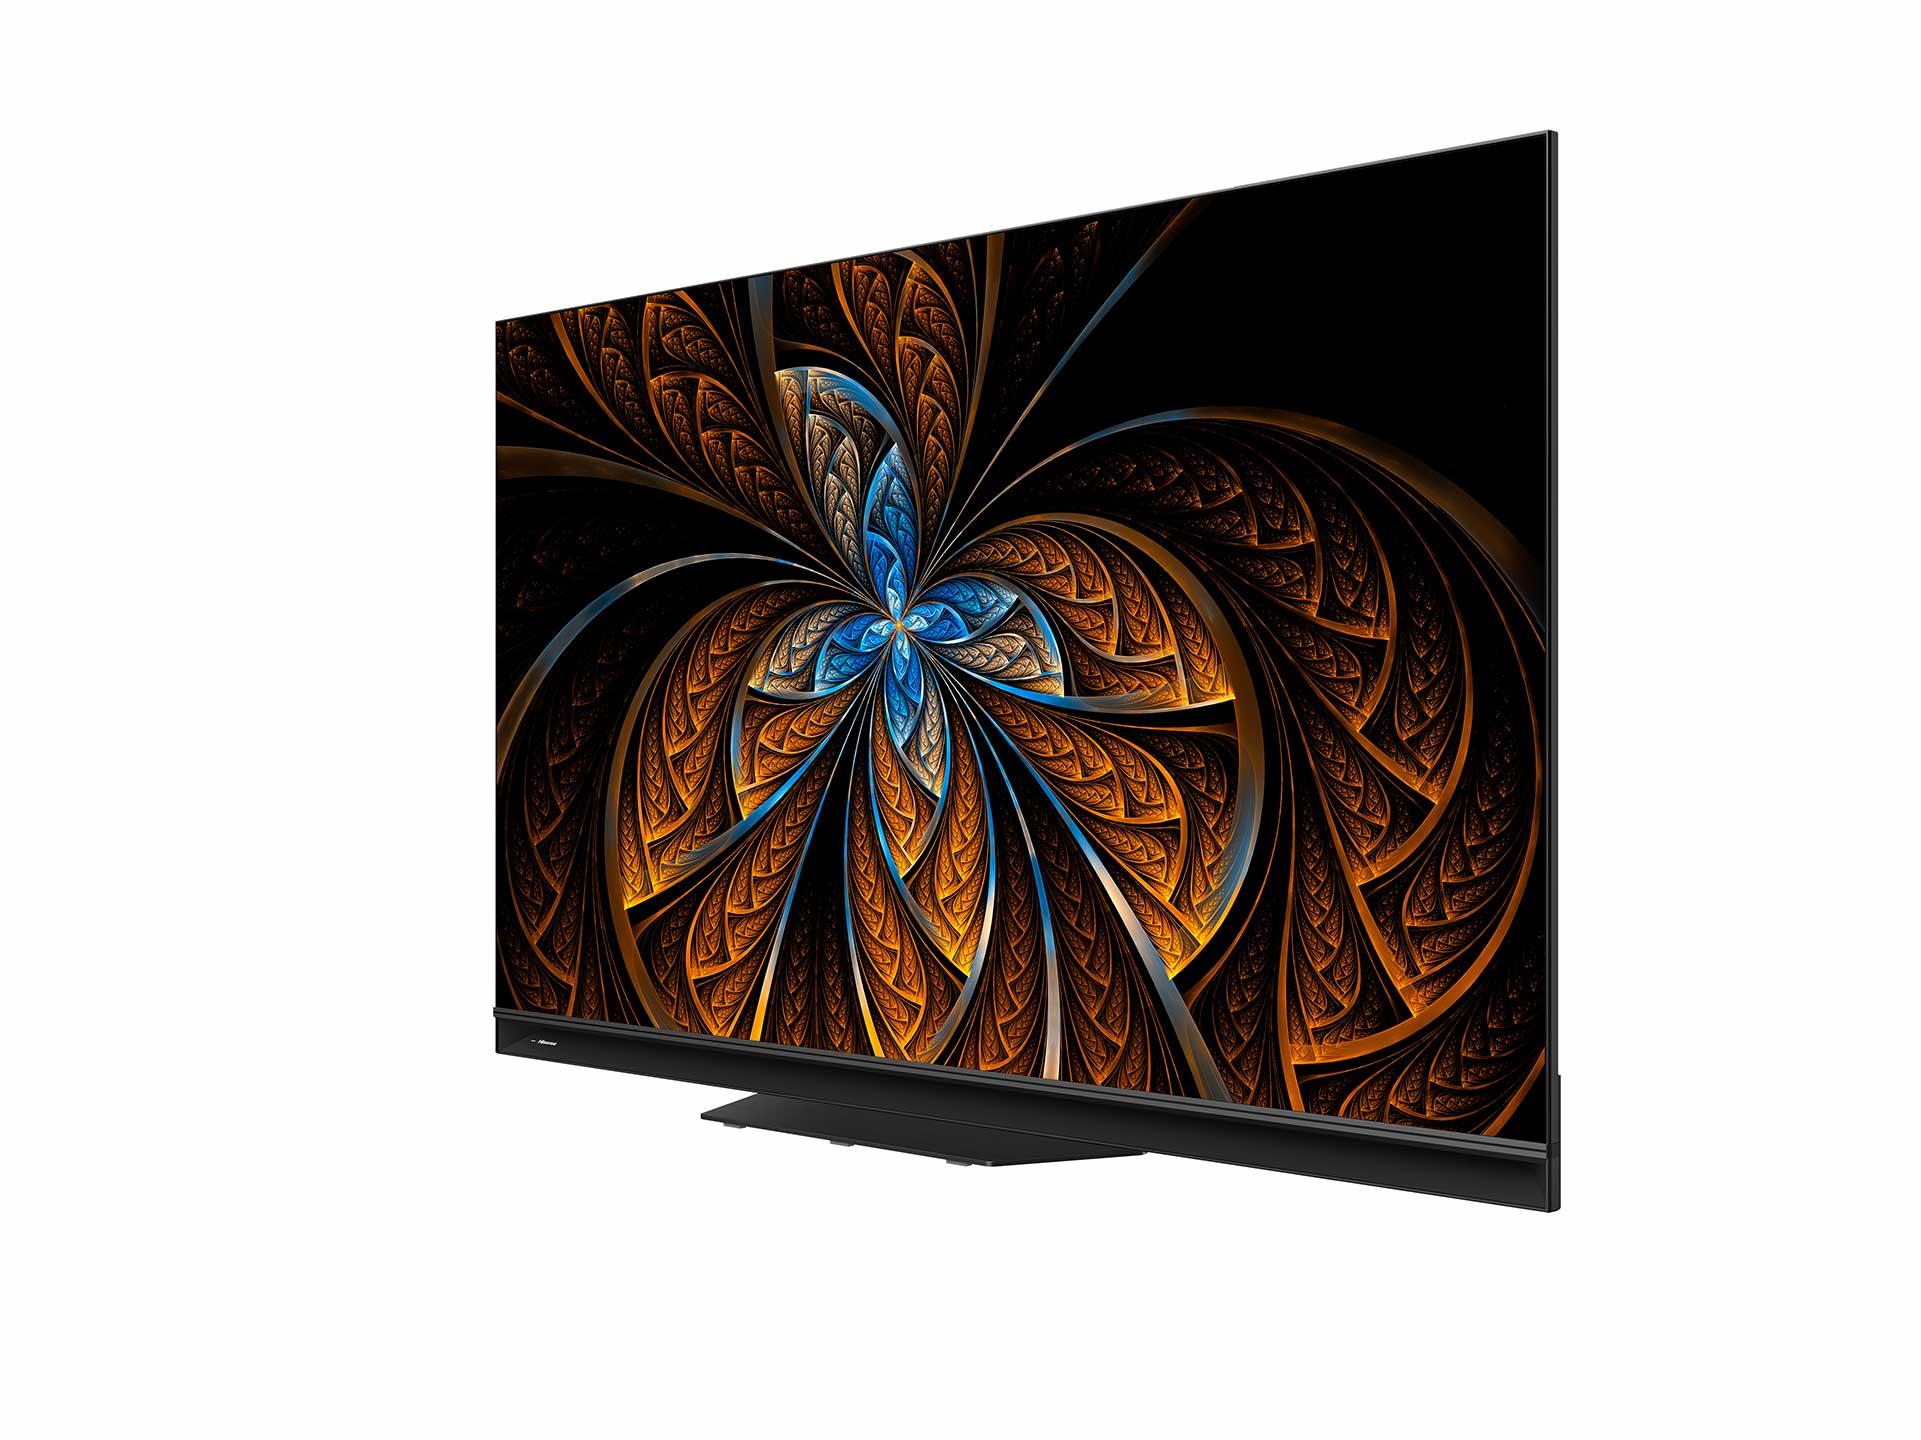 ULED TV ULED TV 75U9GQ 75″